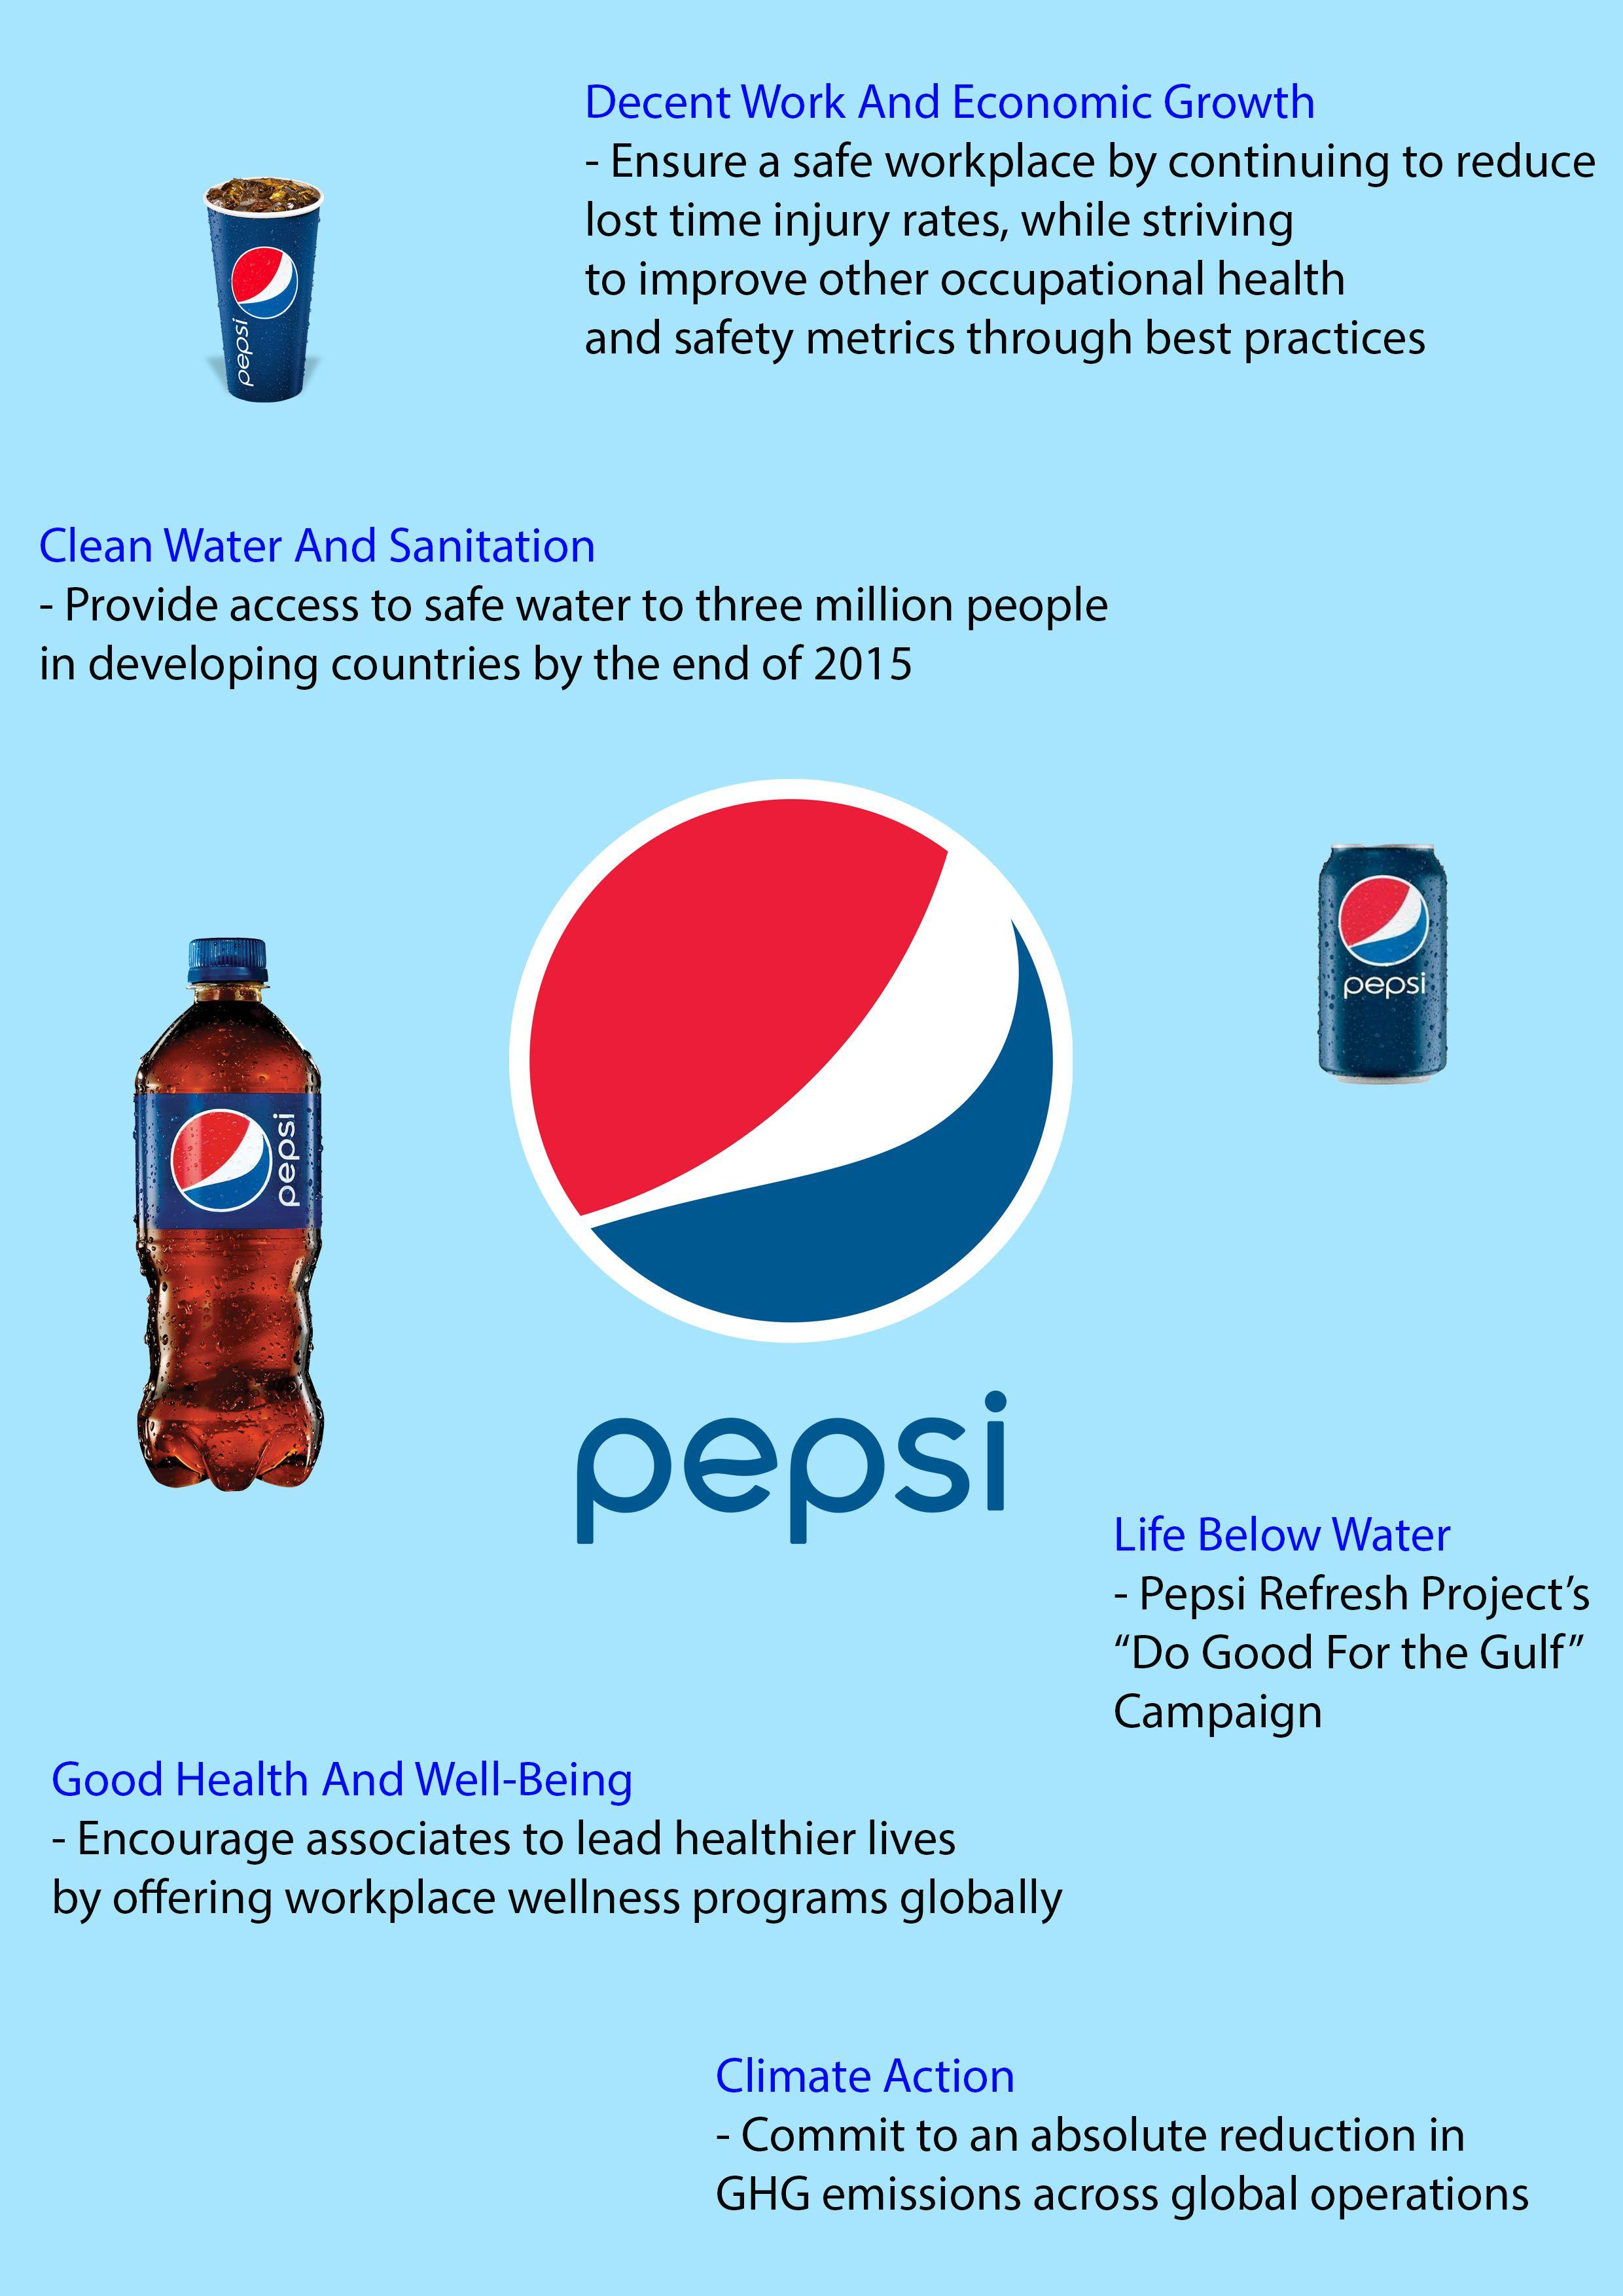 SDG ของ Pepsi การเติบโตเศรษฐกิจที่ยั่งยืน การจัดการน้ํา